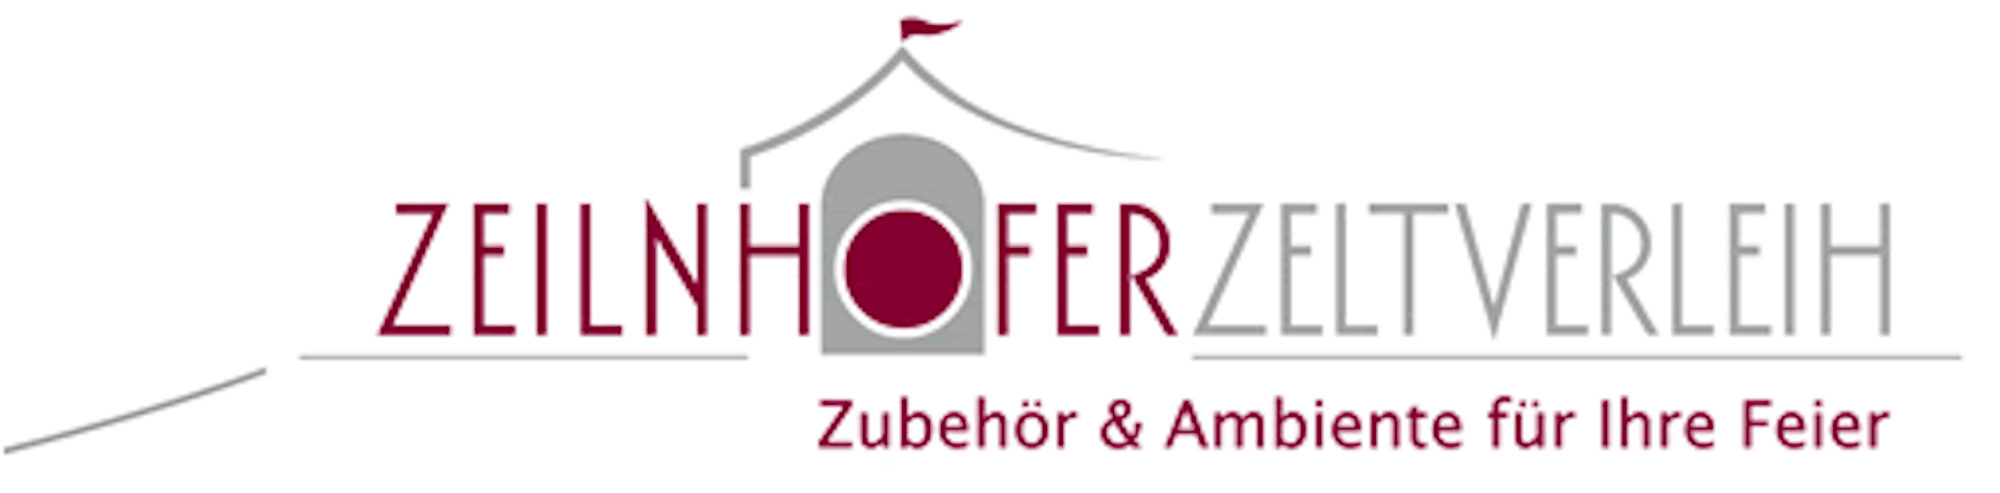 Zeilnhofer